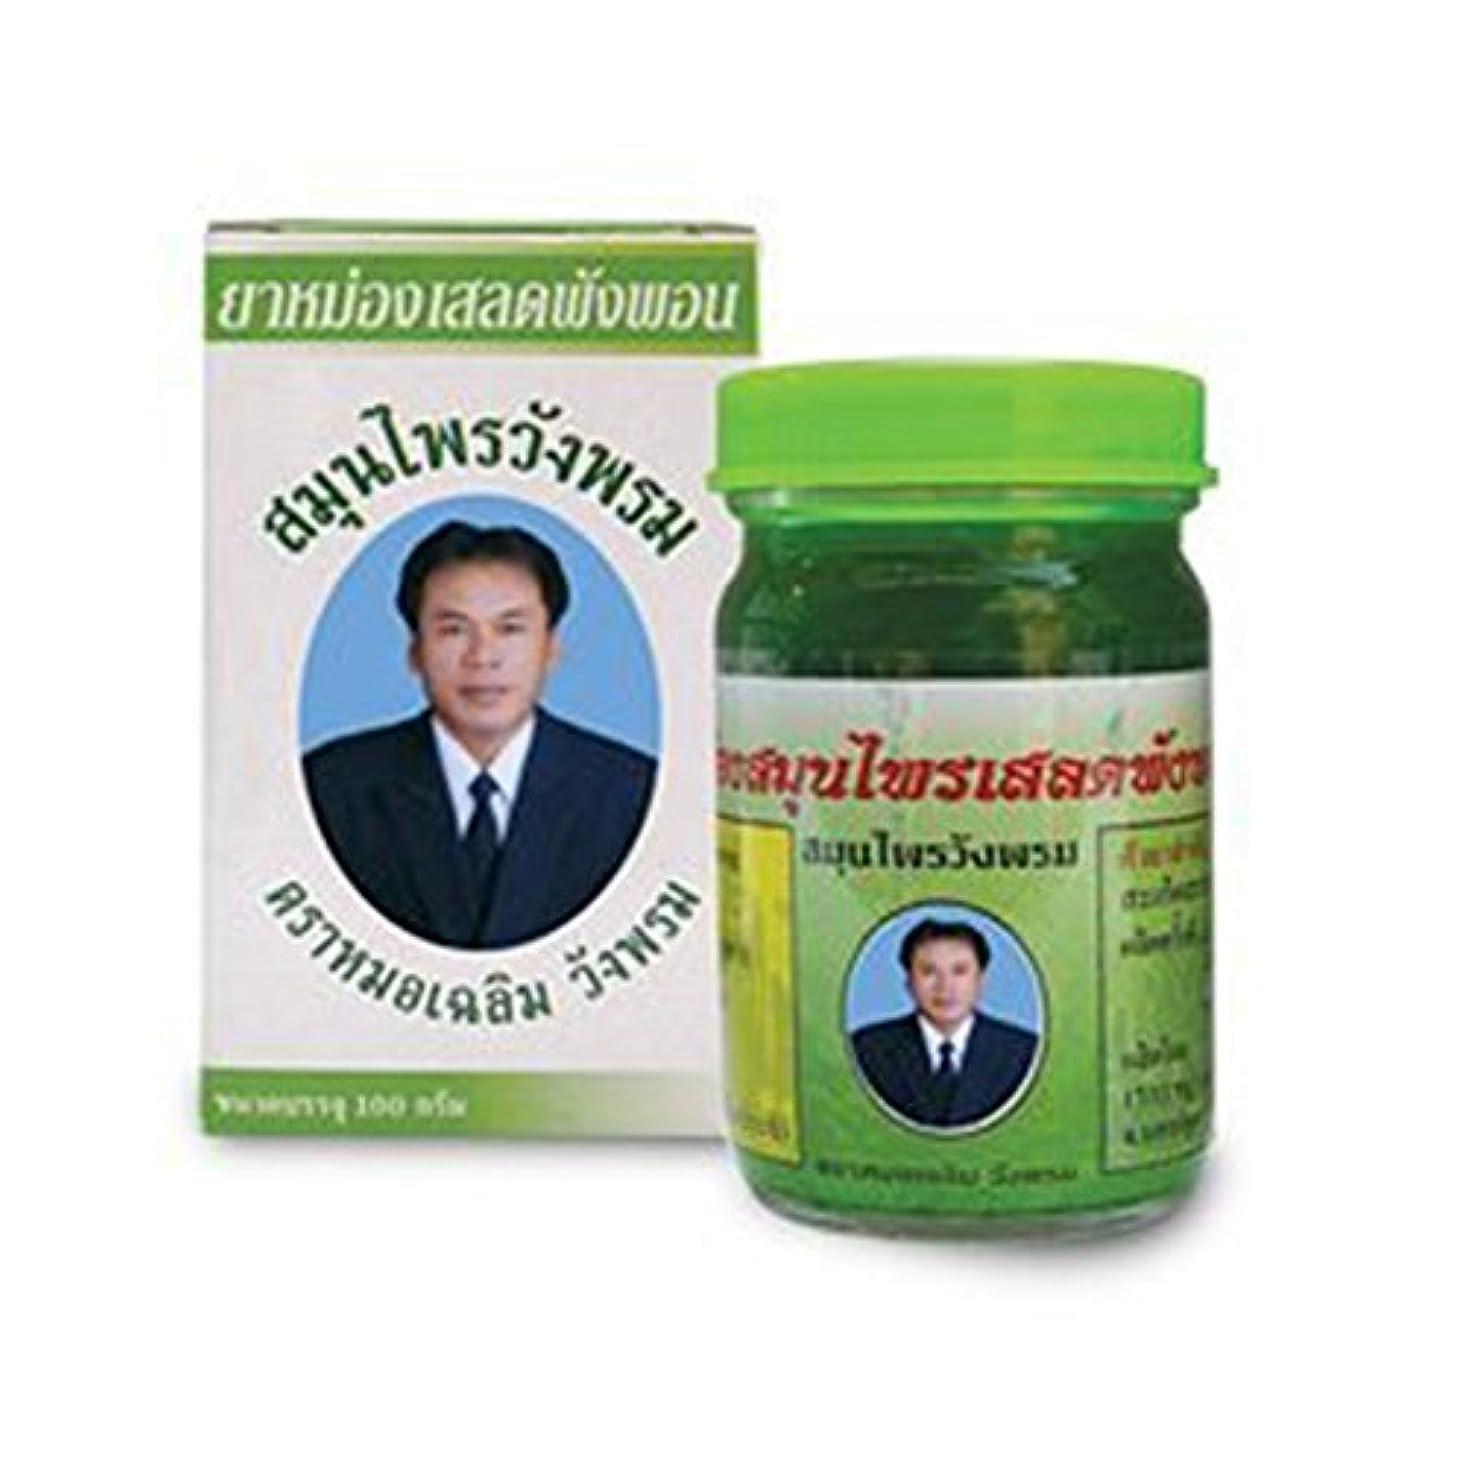 負大胆不敵麻痺させるChariot Trading – 50 g Thai Best Wangphrom Barleria LupulinaグリーンBalm Herb